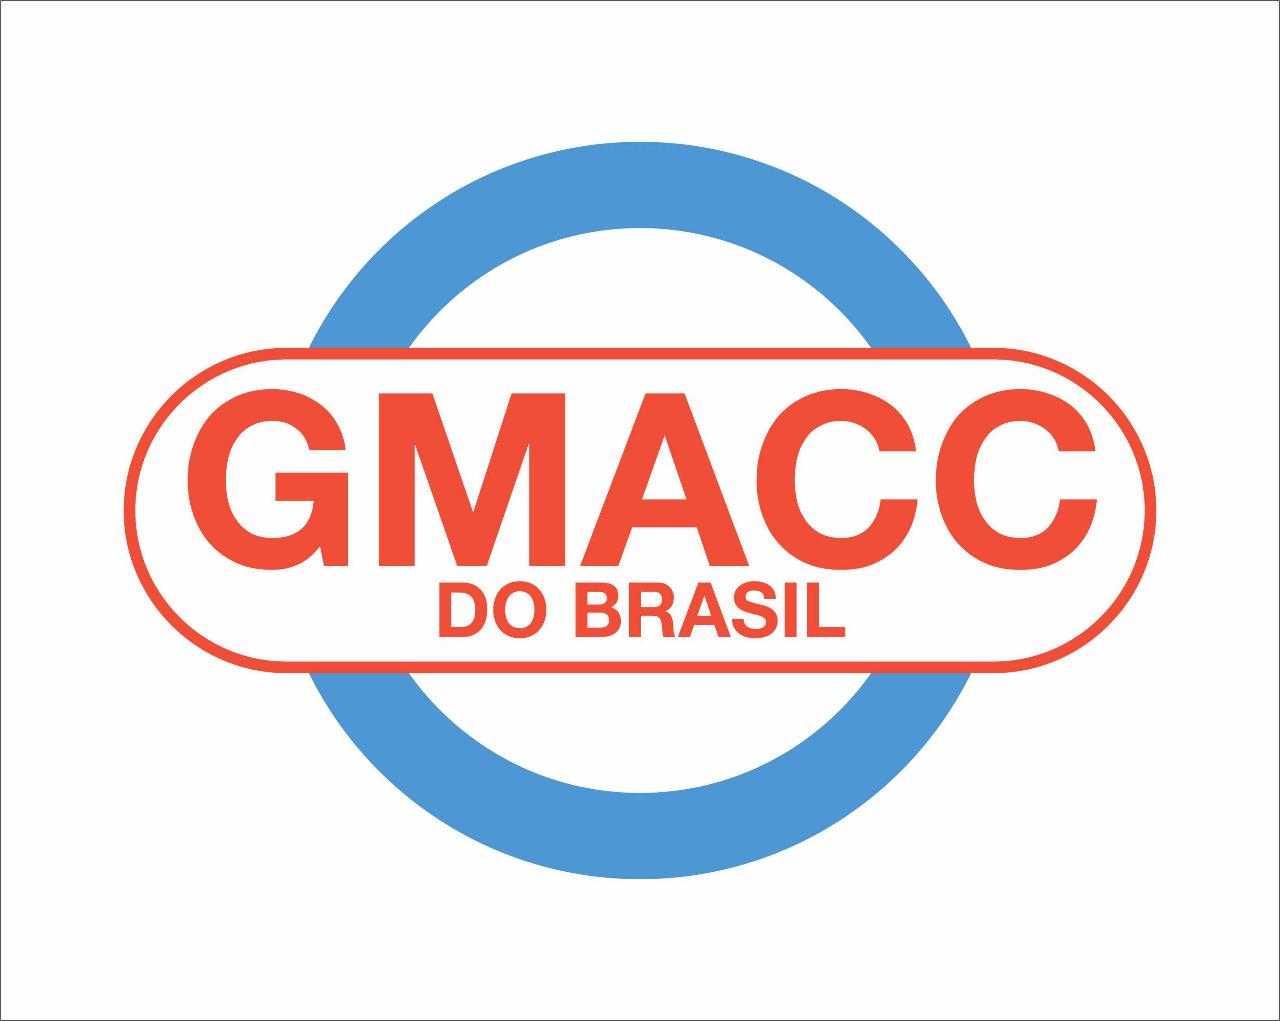 GMACC DO BRASIL VENDA DE MÁQUINAS E PEÇAS